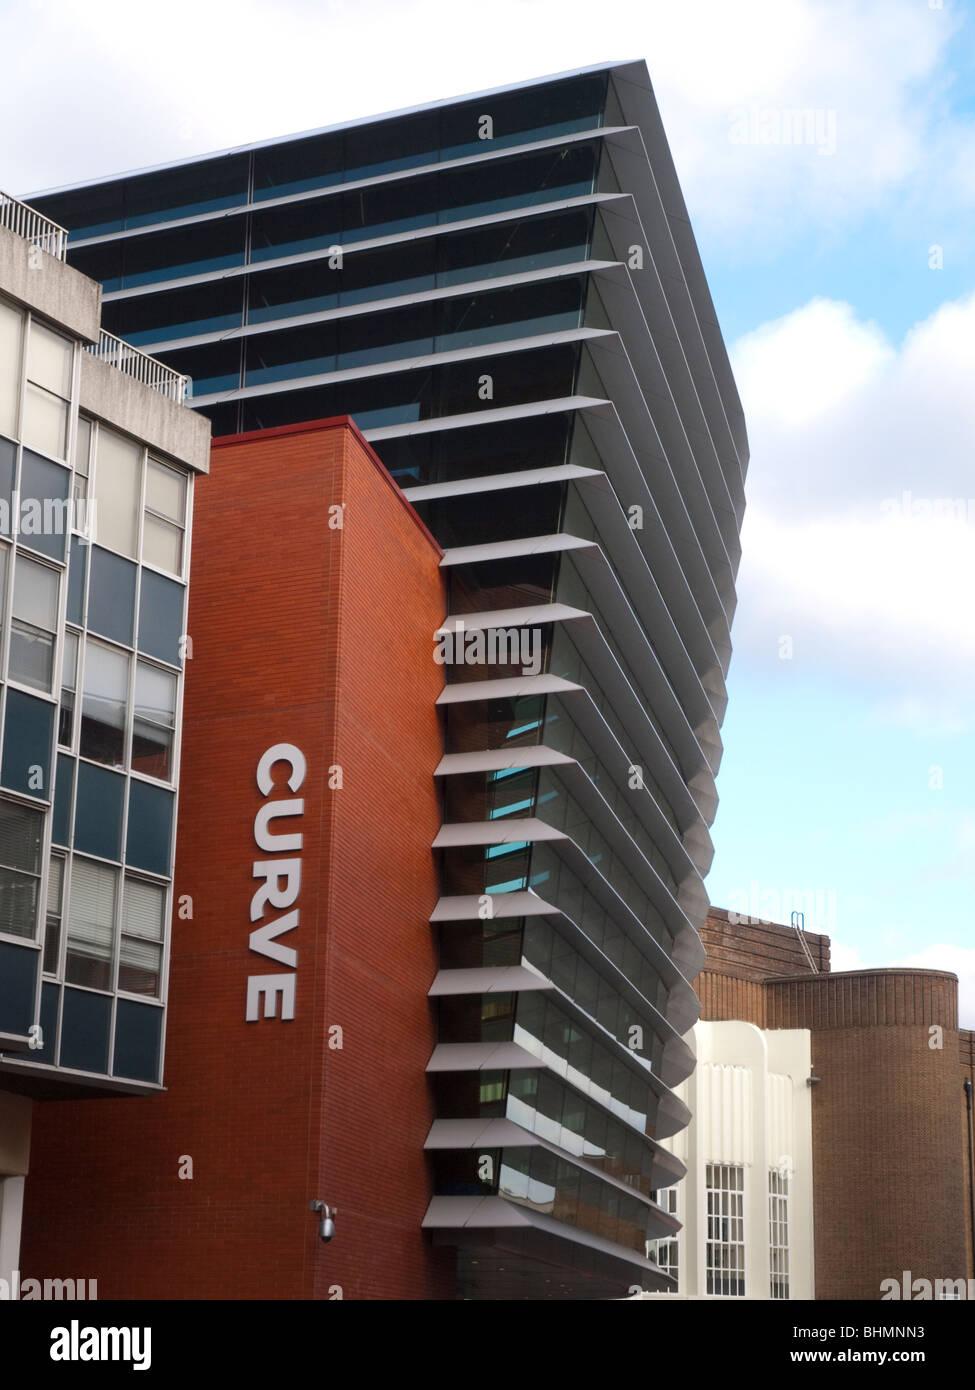 sito di incontri Leicestershire Spire FM sito di incontri